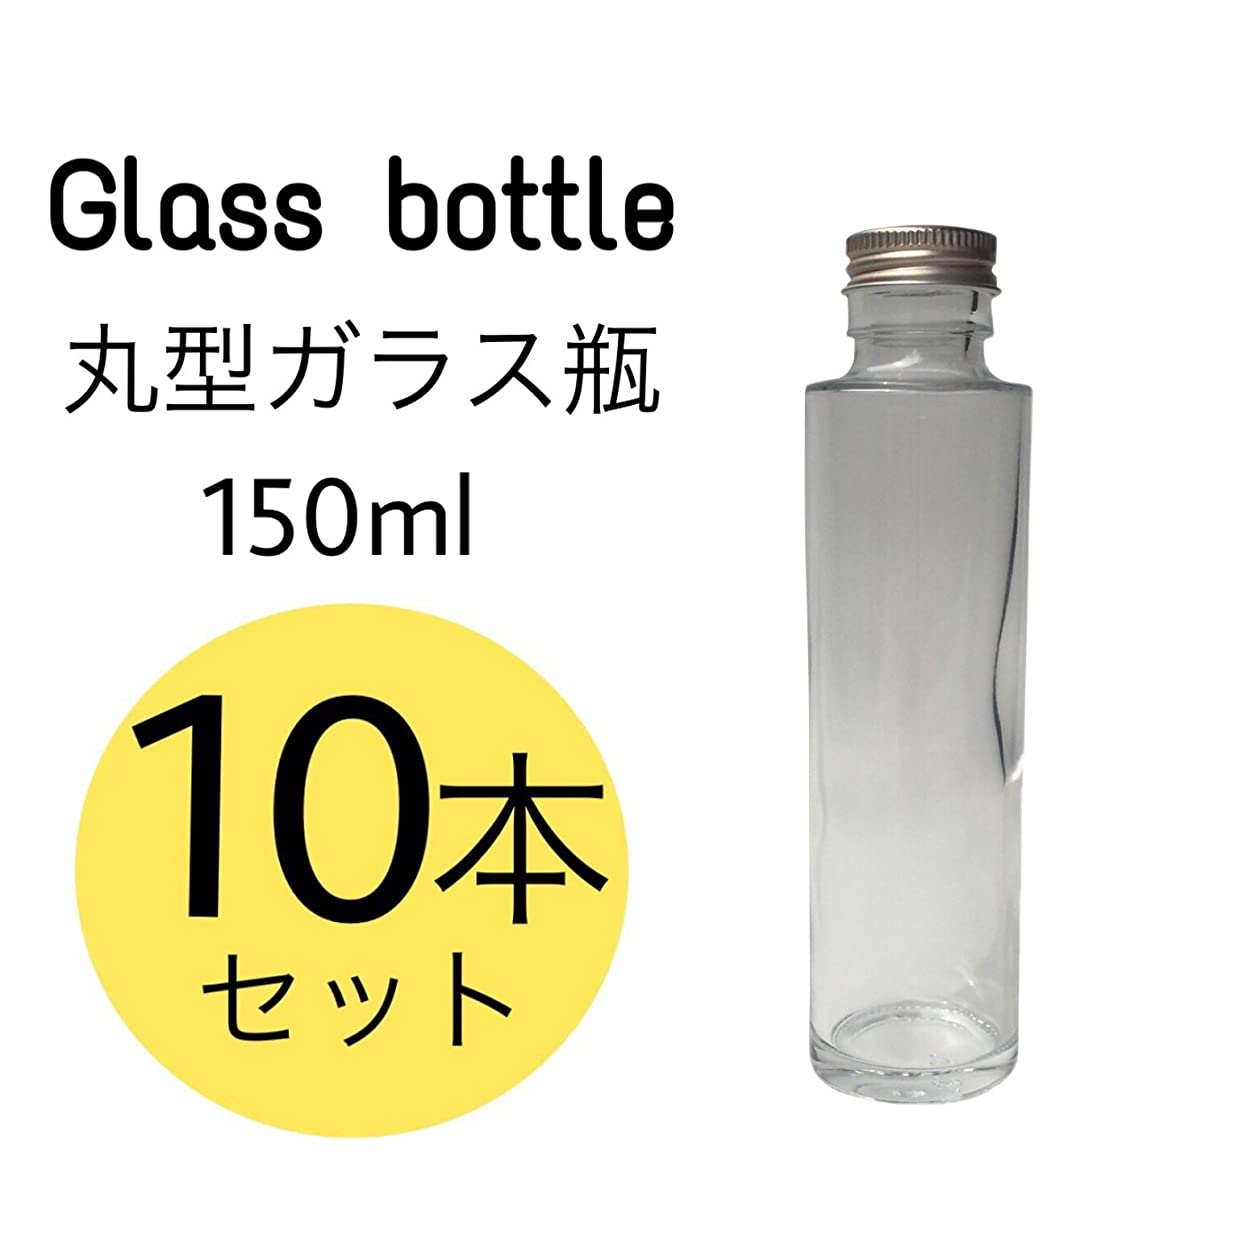 噛むカーテン悲鳴HULALA ハーバリウム用ガラス瓶 日本製 10本セット (丸型 150ml)